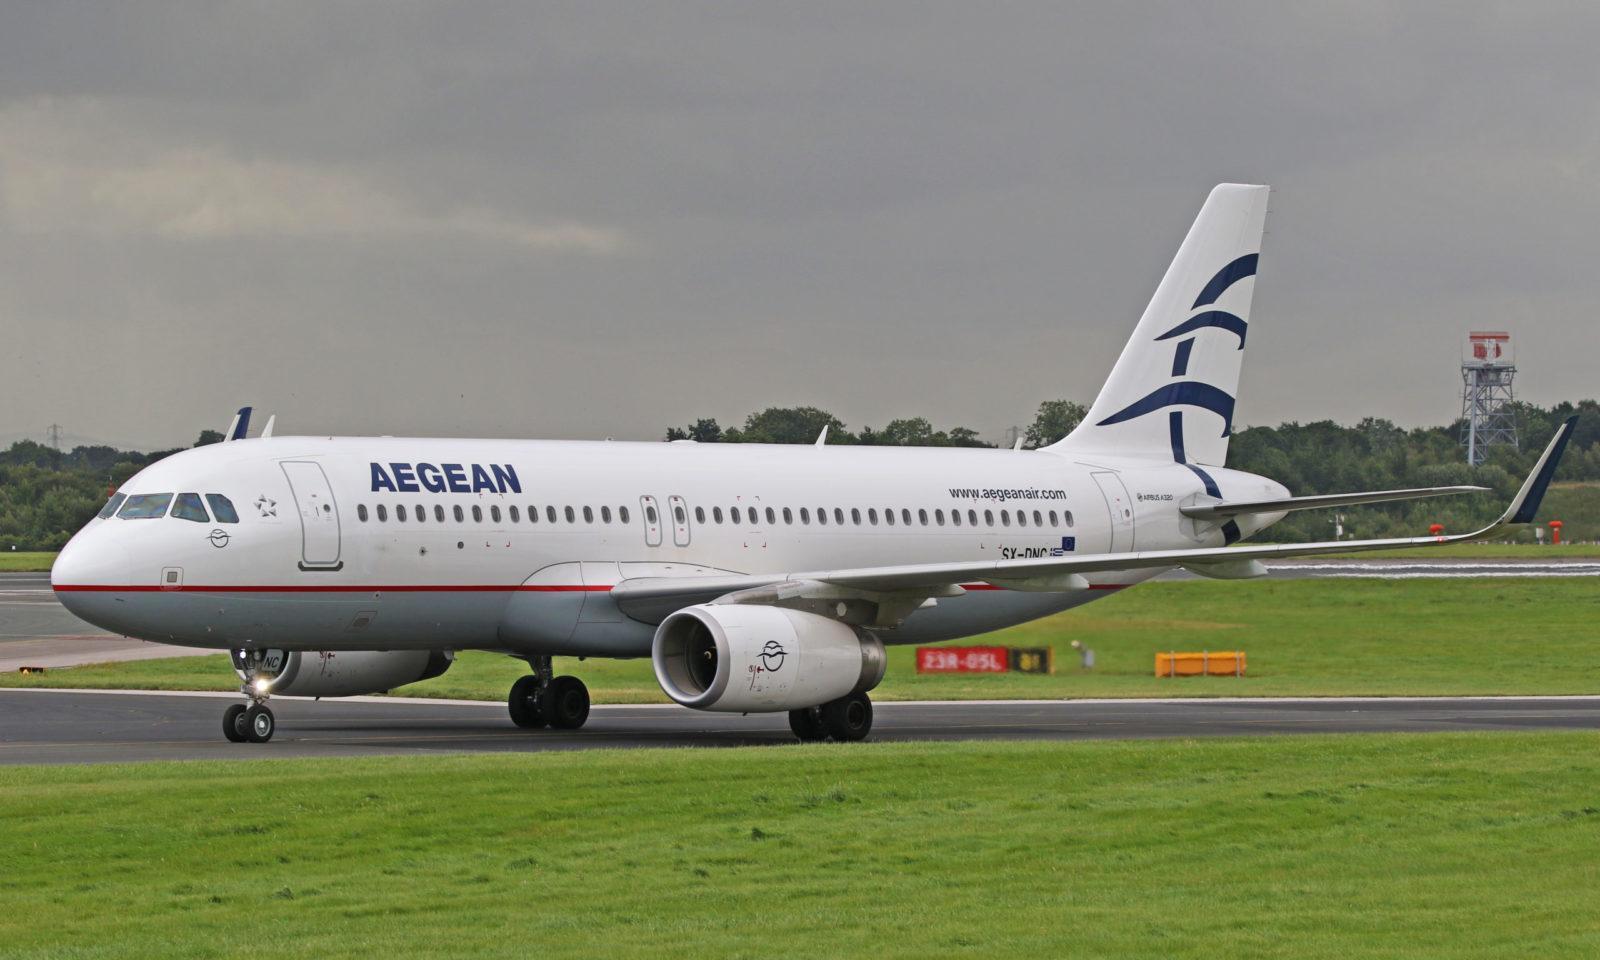 aegean scaled - ავიაკომპანია ეგეოსის ავიახაზები - Aegean Airlines